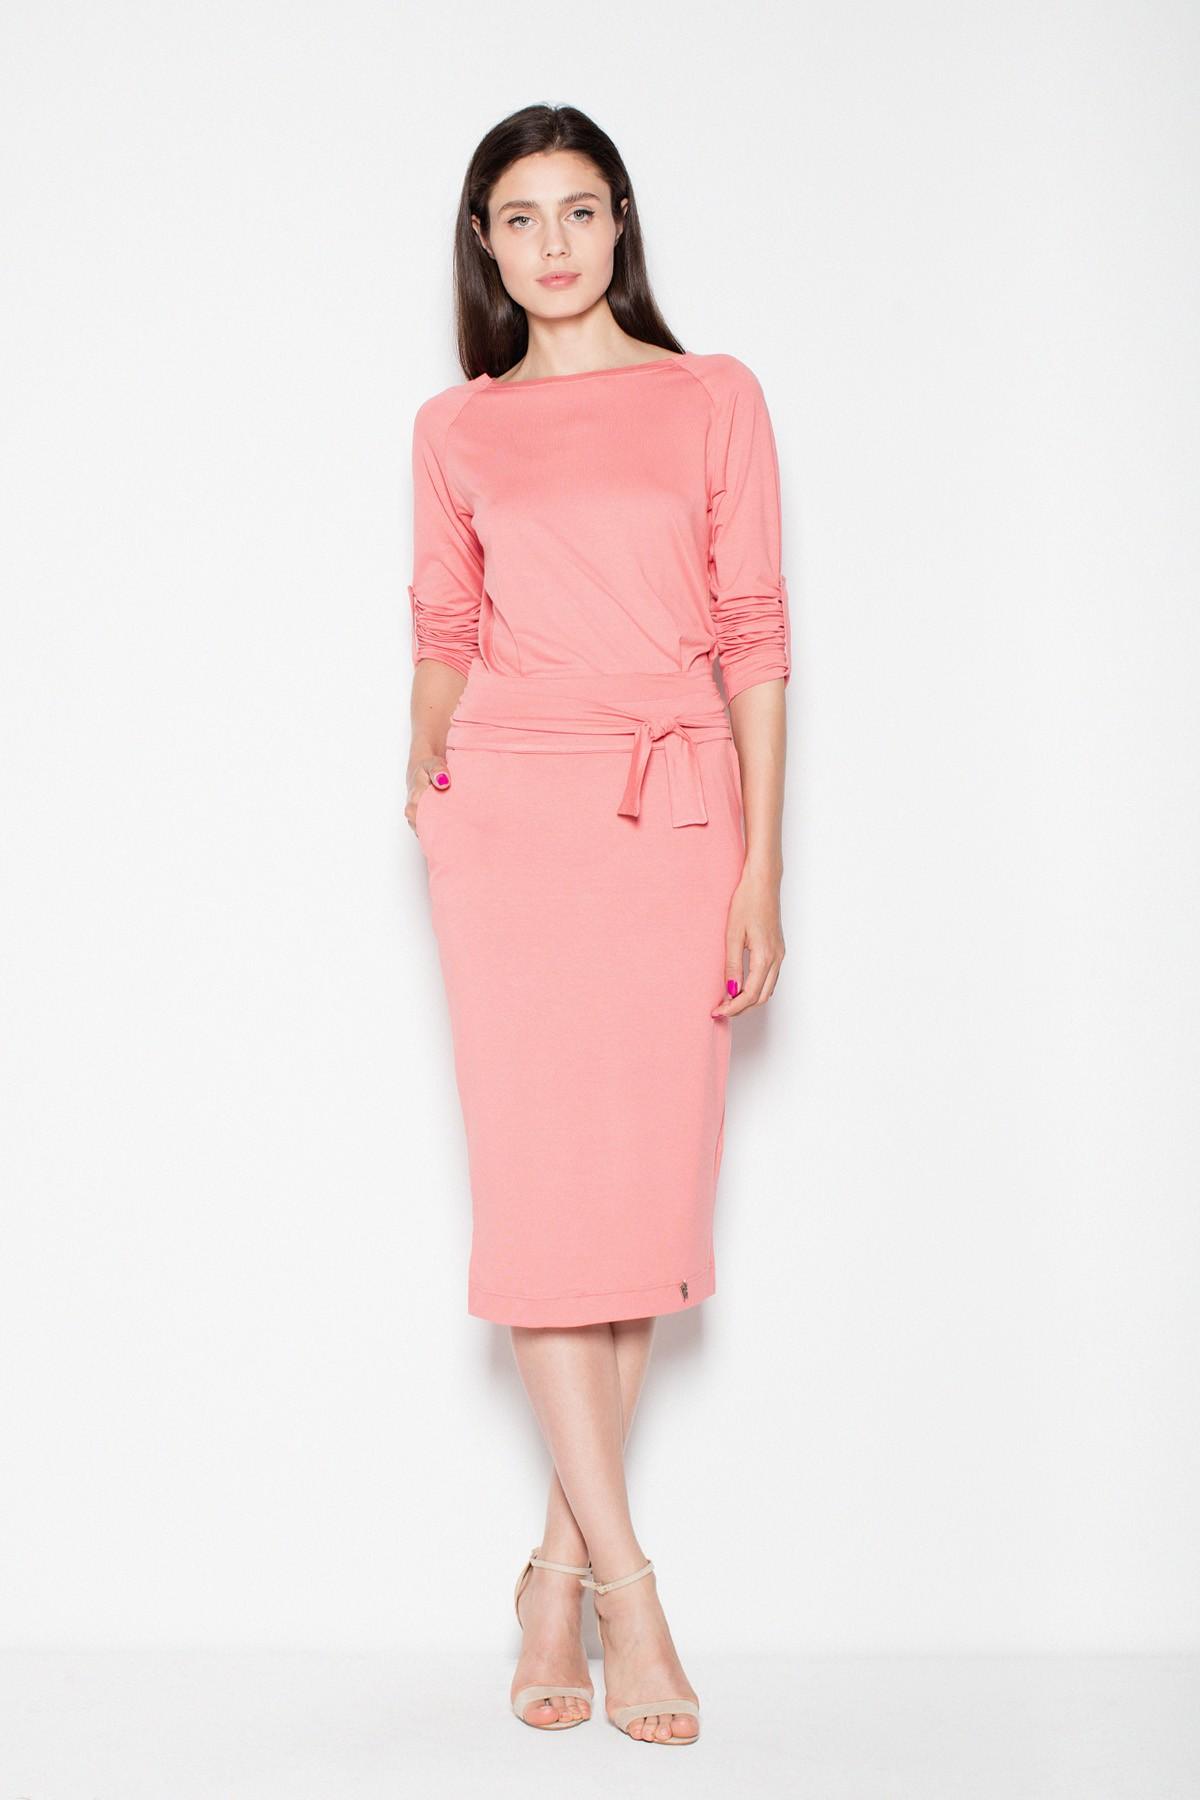 429e800e84ee09 Sukienka ołówkowa midi wiązana w pasie koralowa sklep E-margeritka.pl